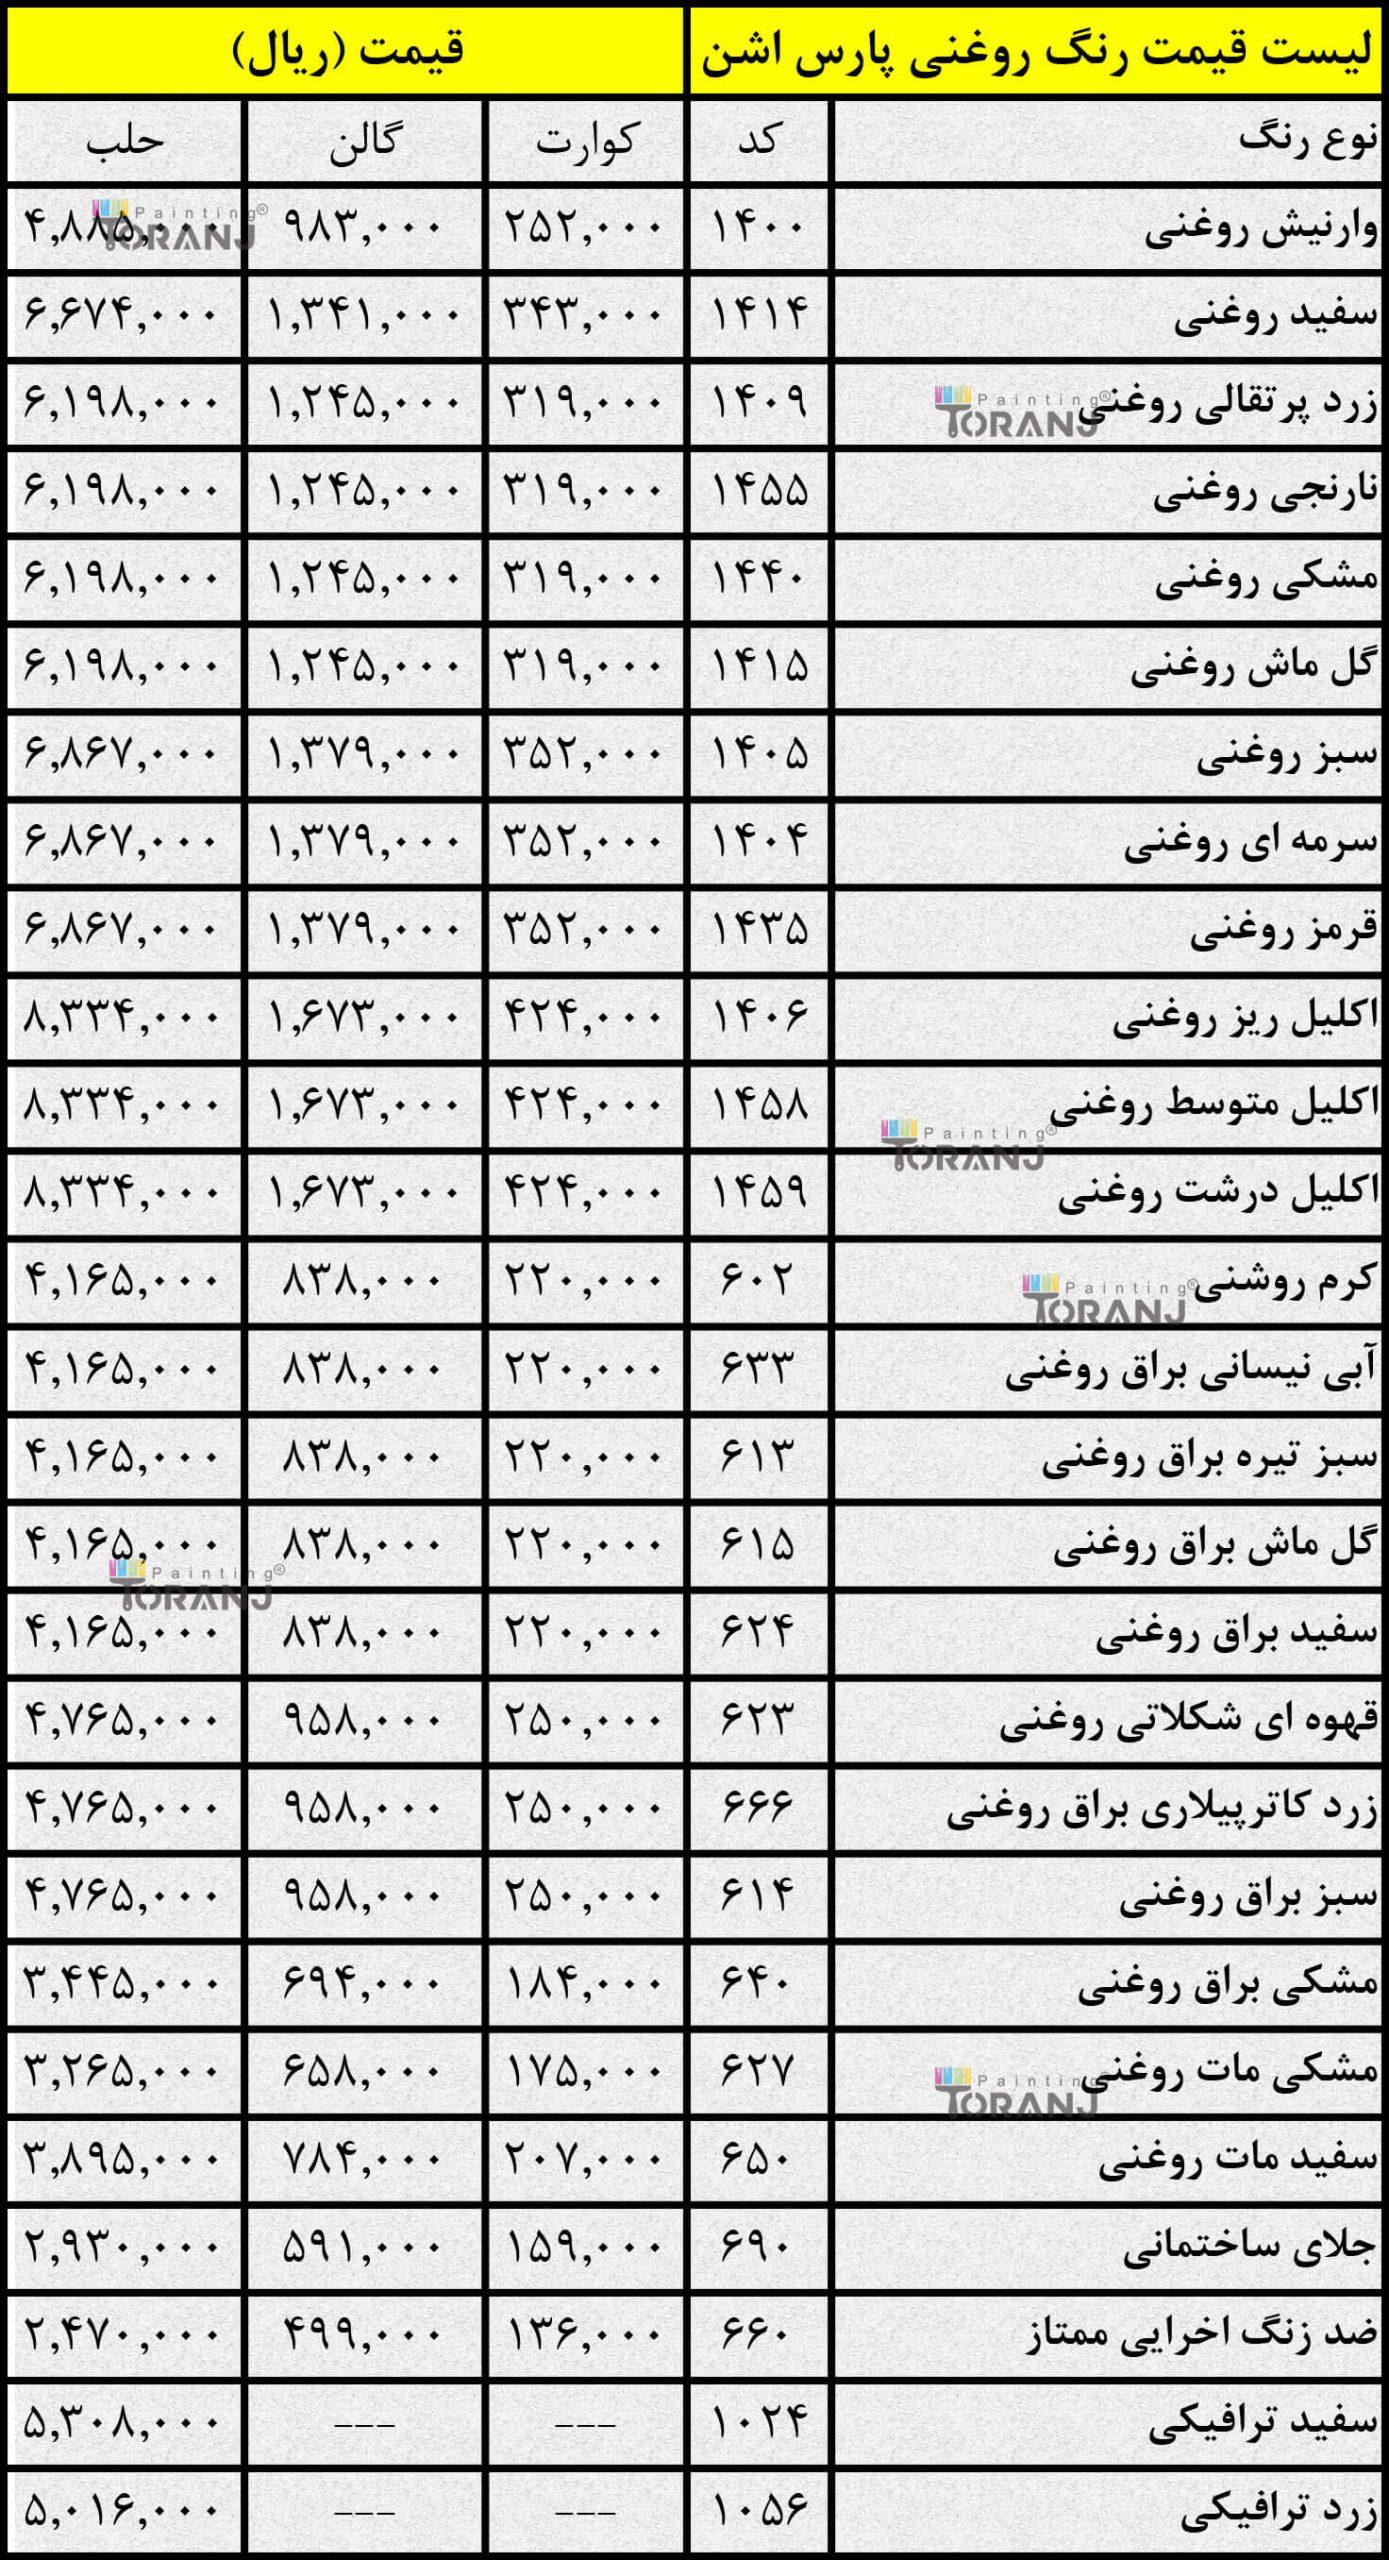 لیست قیمت رنگ پارس اشن